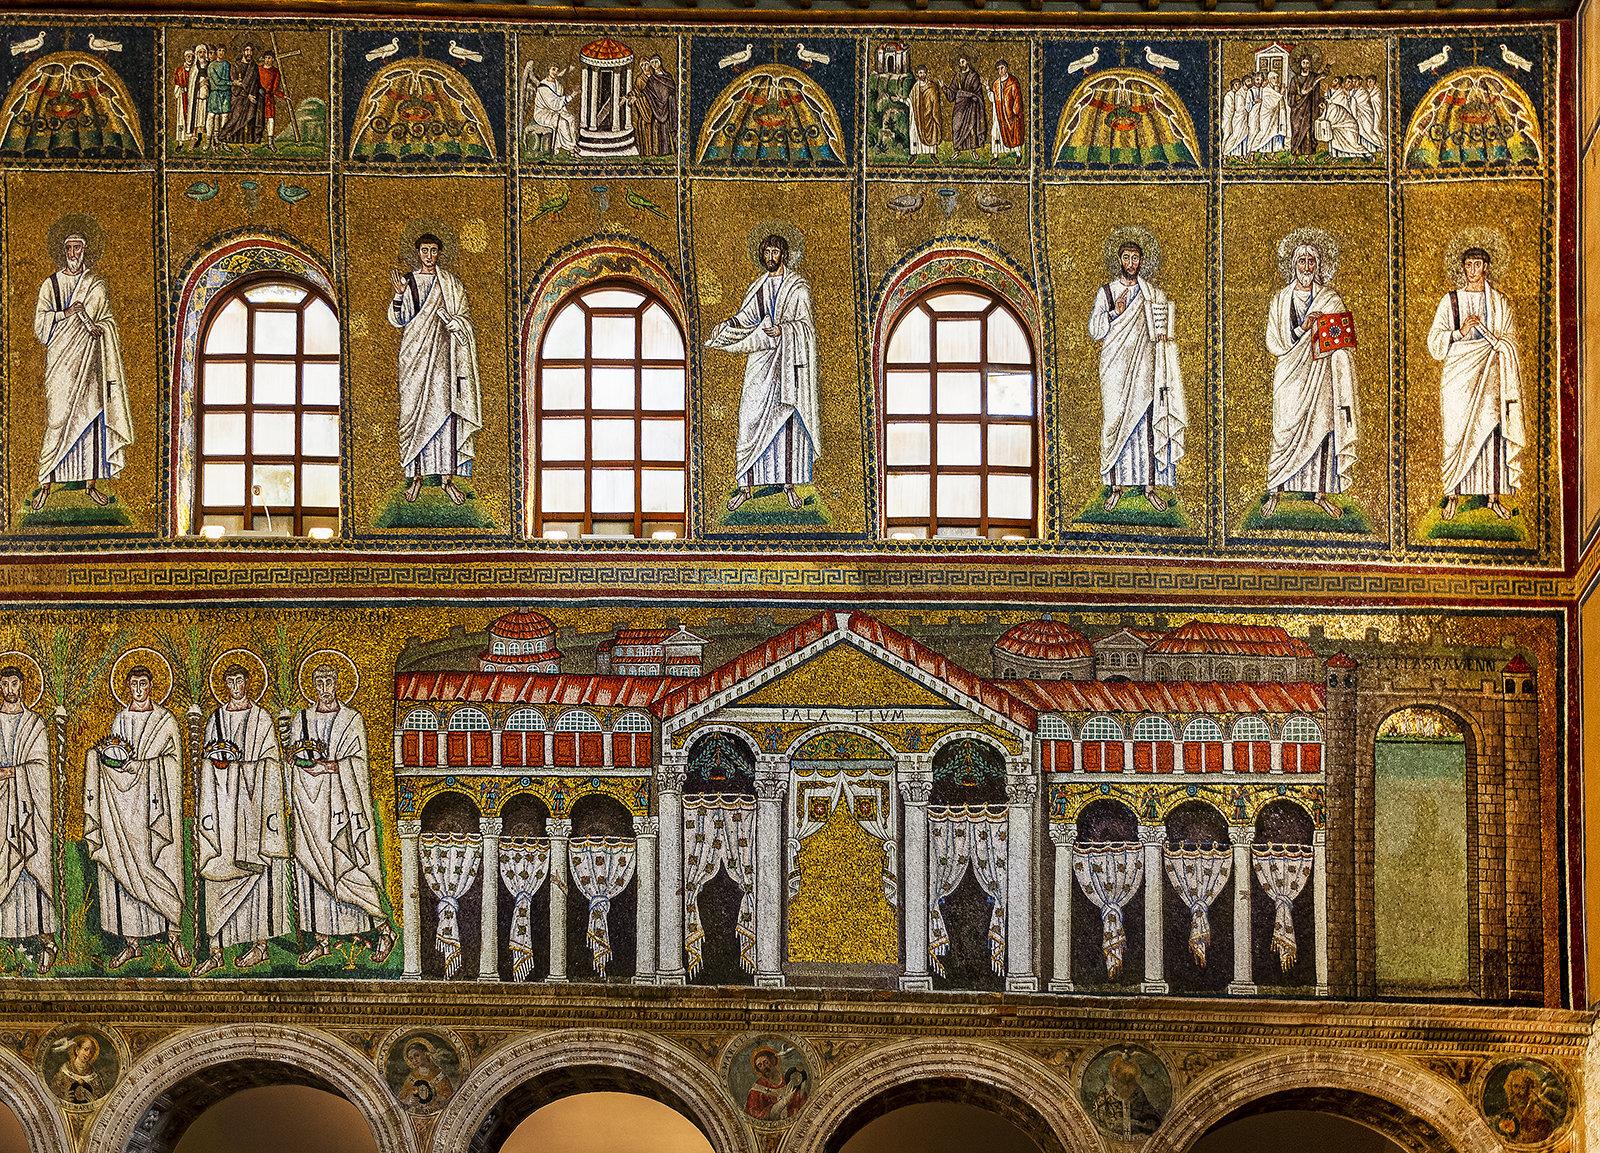 2-...parete Dx...nella Fascia Bassa La Reggia Di Teodorico... Apolinnare Nuovo Ravenna